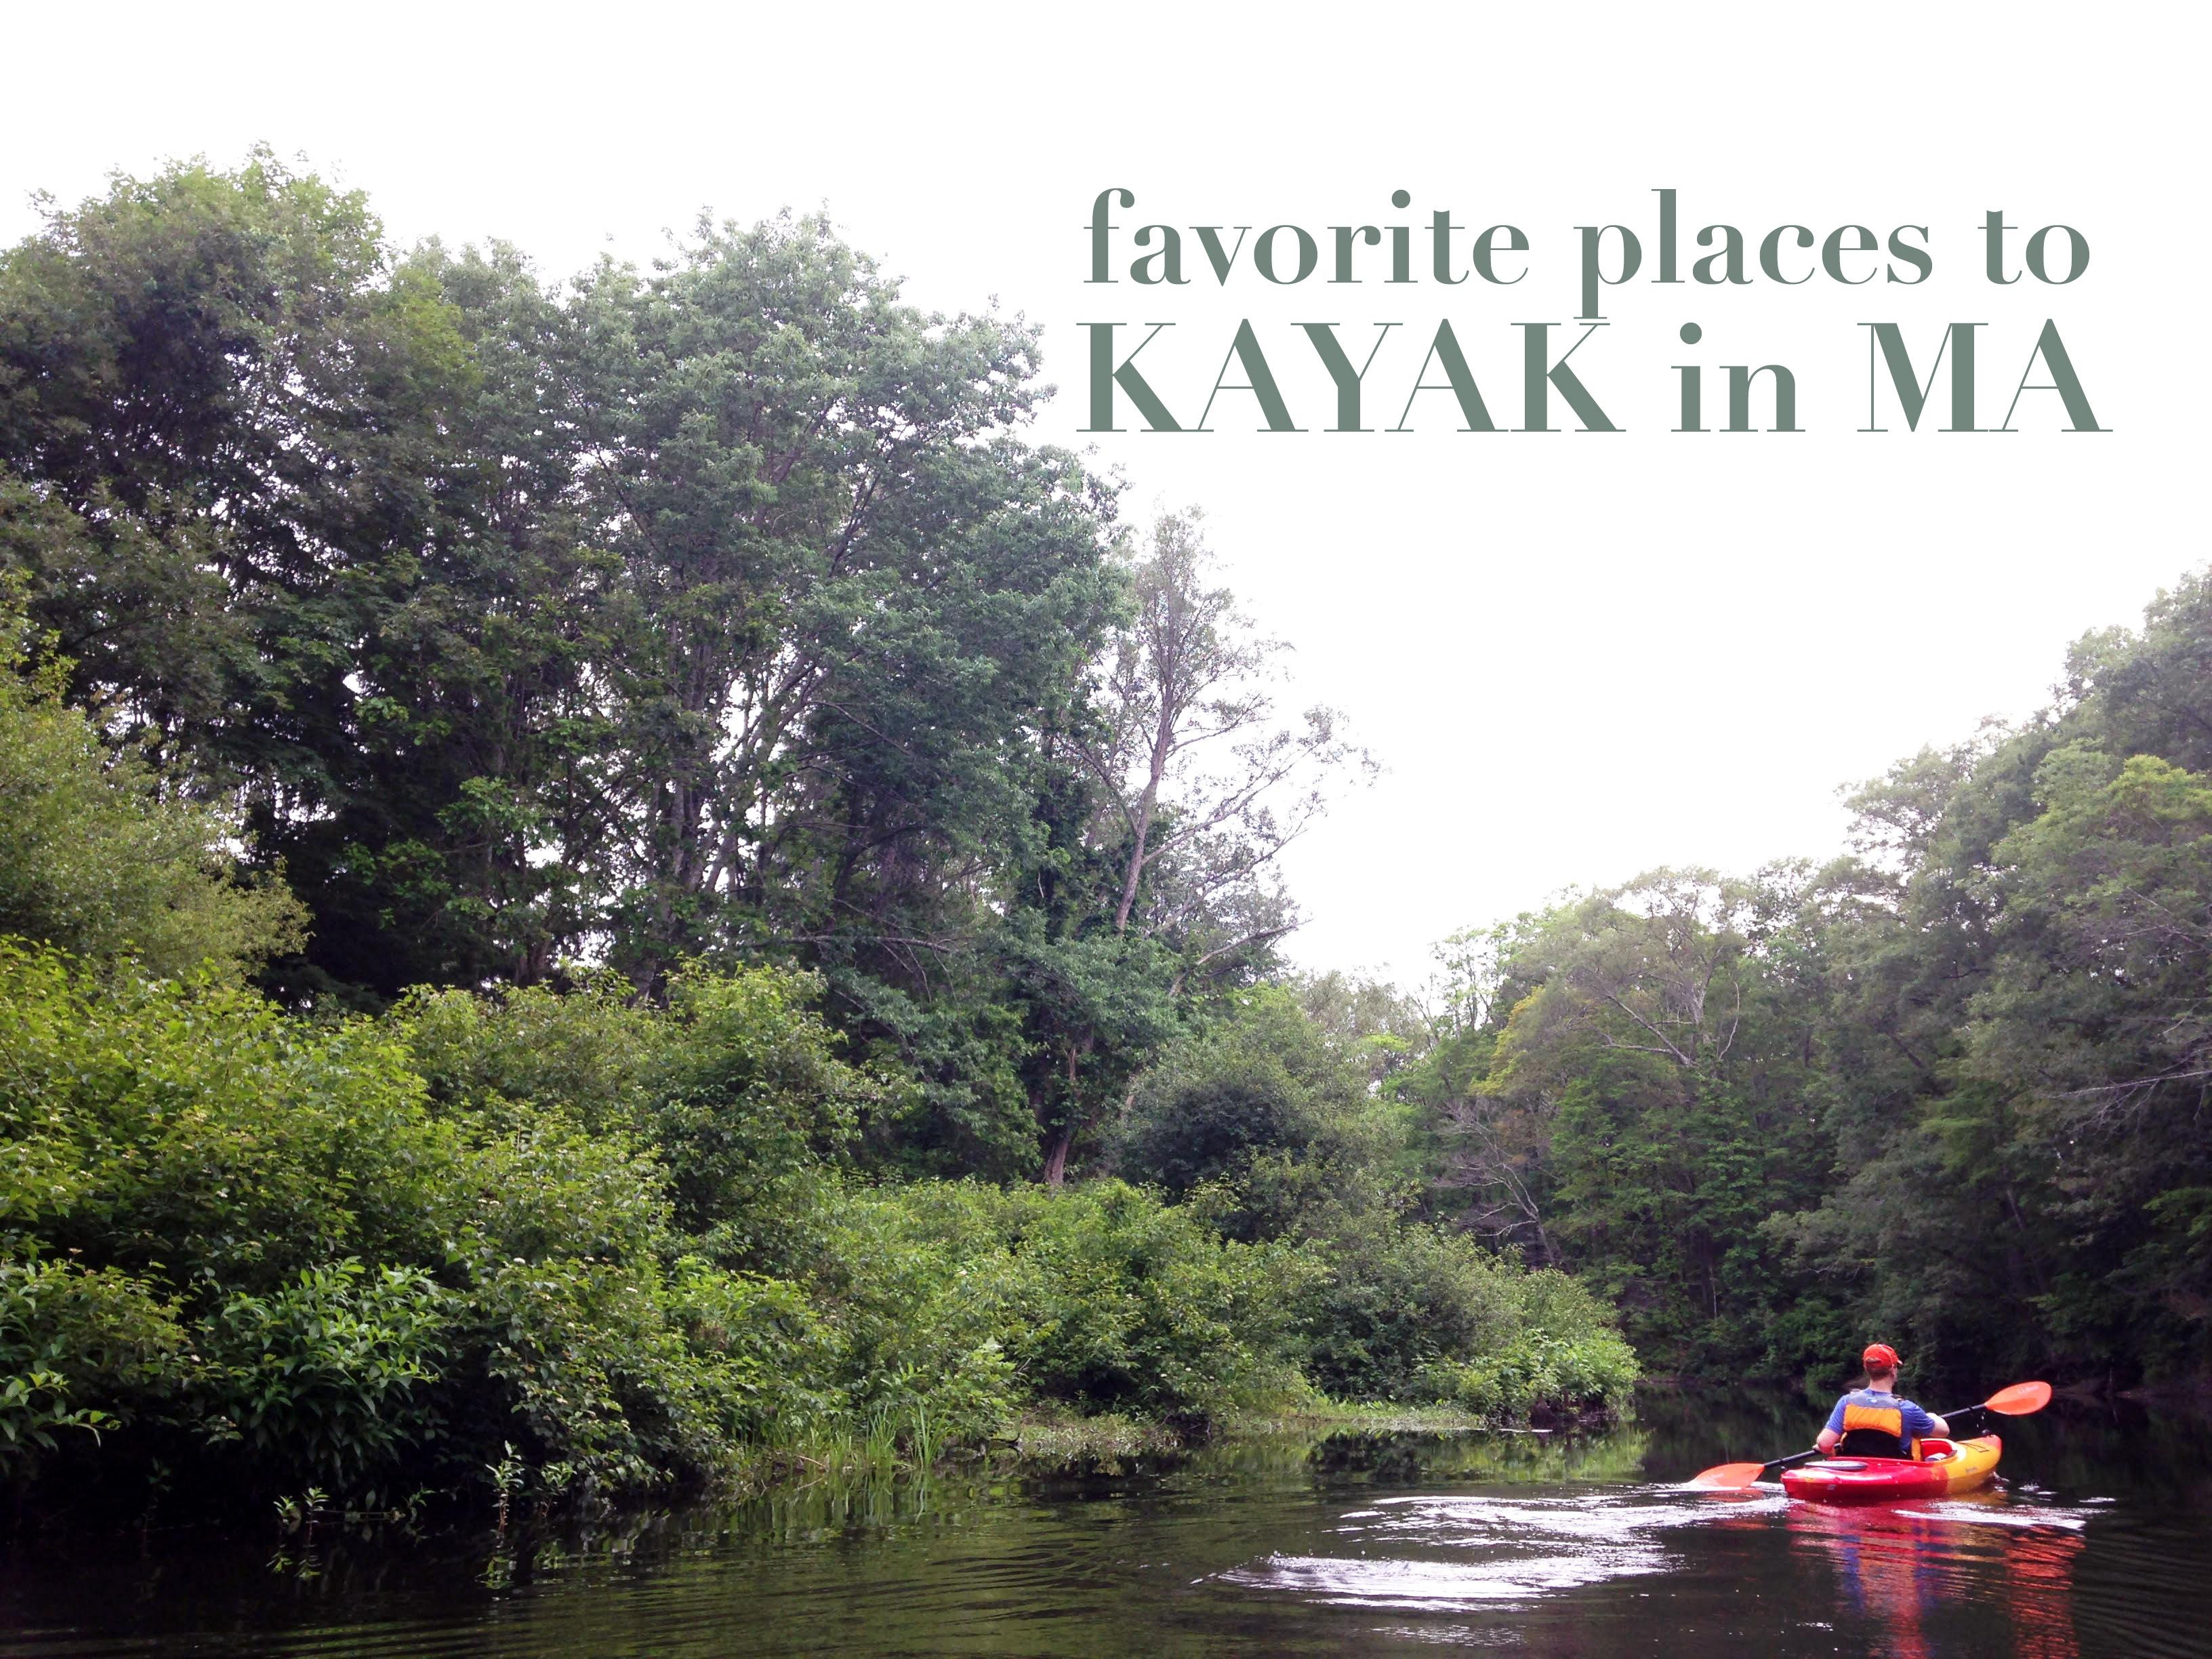 kayaking elm bank charles river kayak